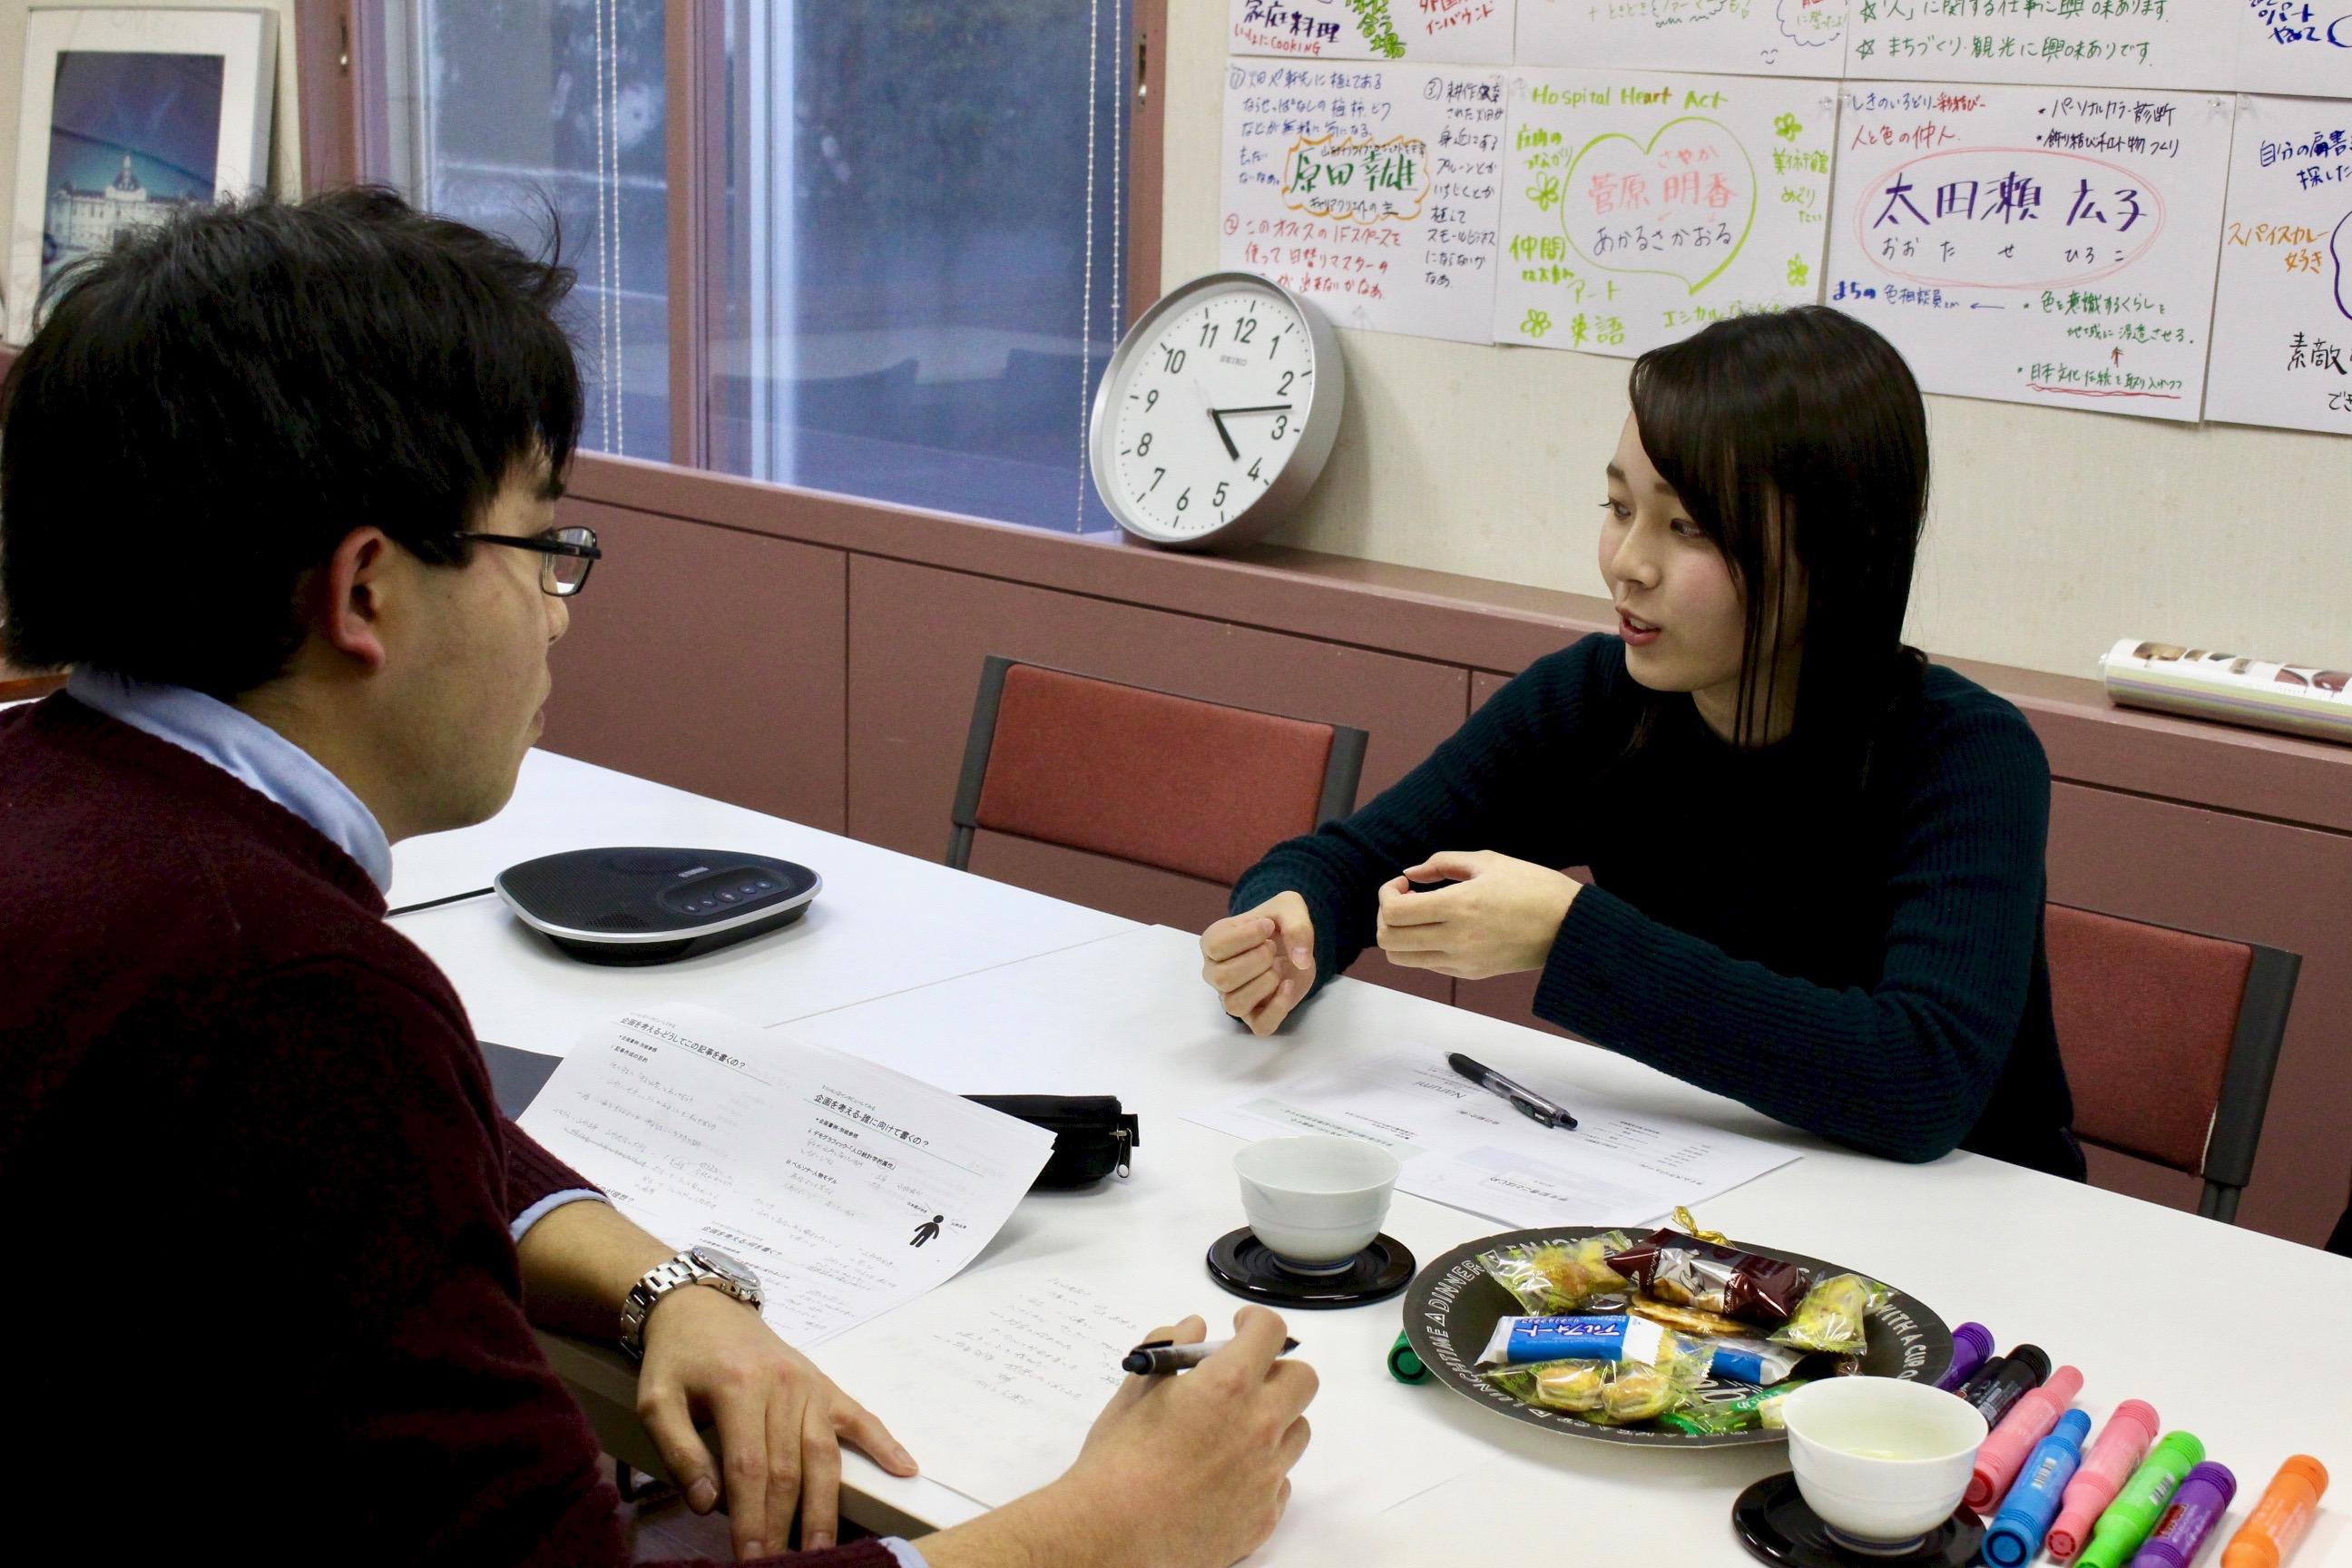 【新メンバー紹介】学生記者第2期始動!メンバーの素顔に迫る